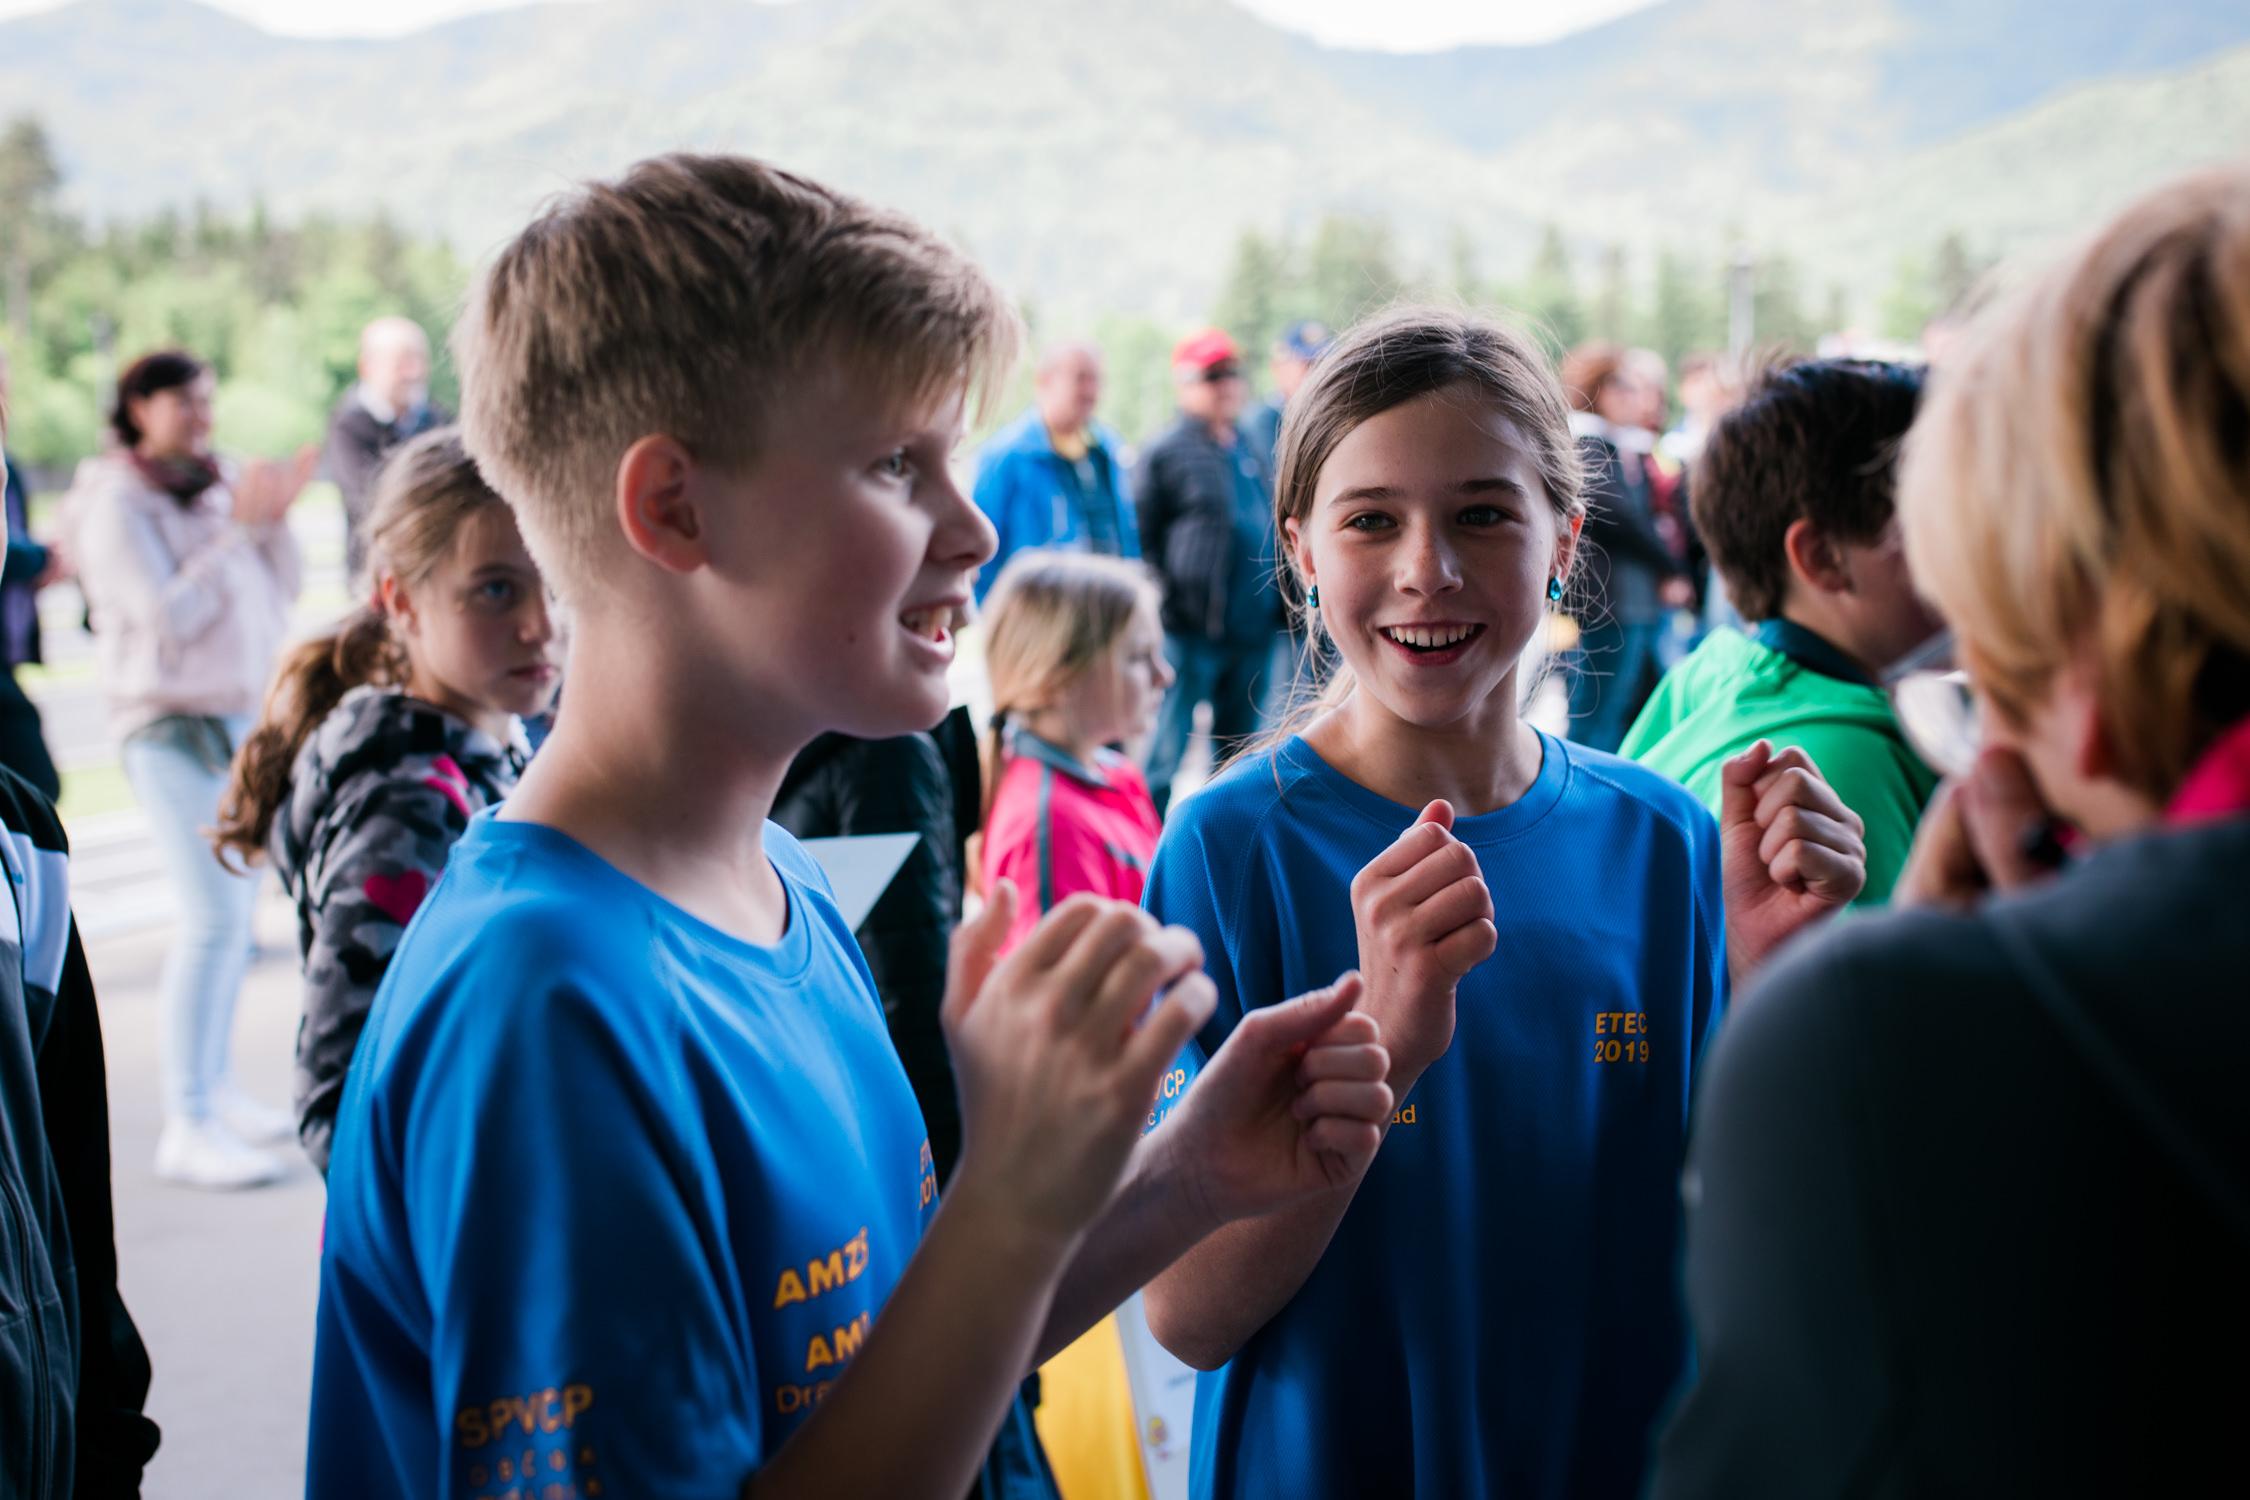 najboljsi-mladi-kolesar-2019_male-155